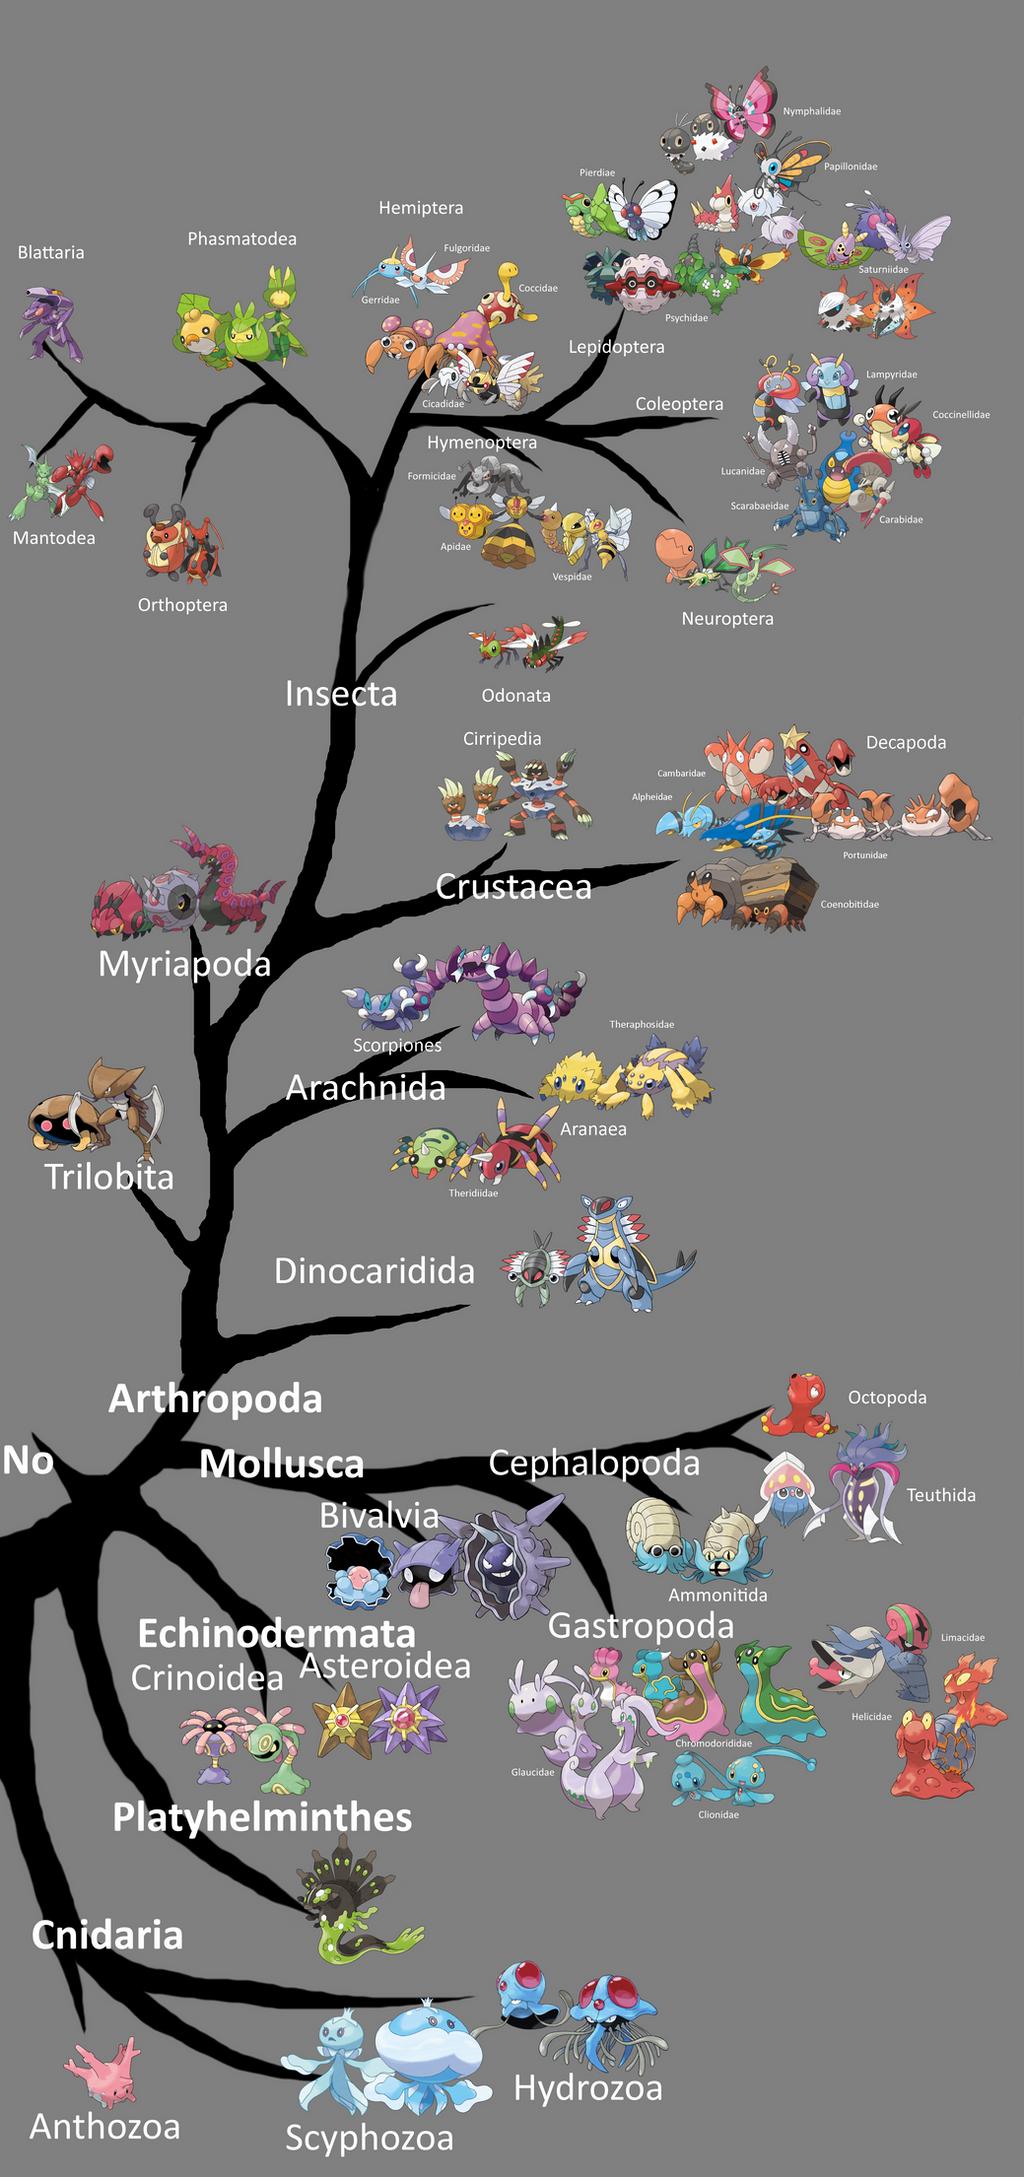 Pokemon Phylogeny Tree Images | Pokemon Images